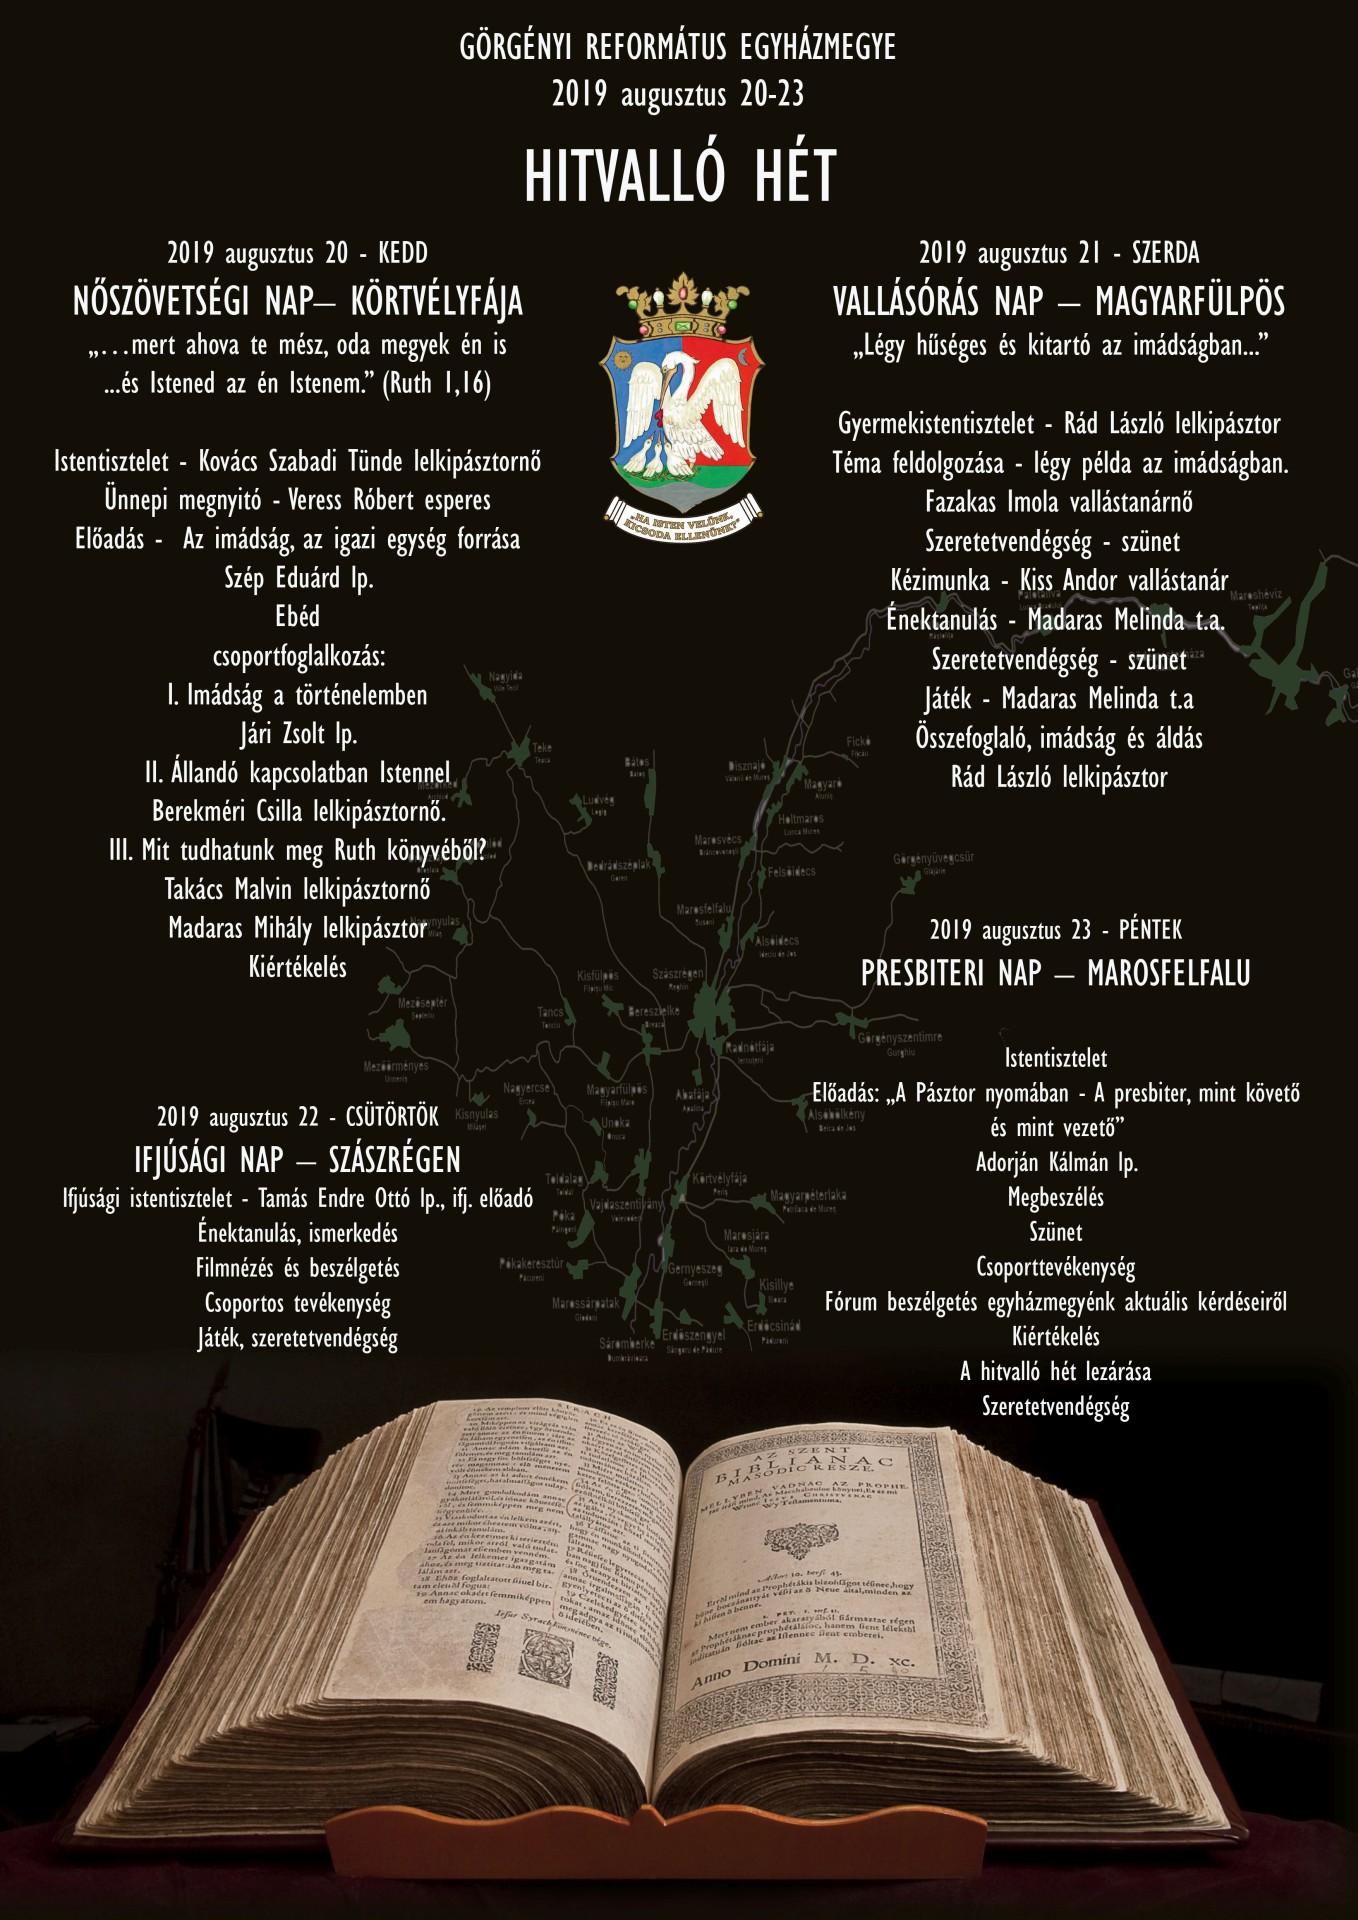 Hitvalló hetet tart a Görgényi Református Egyházmegye